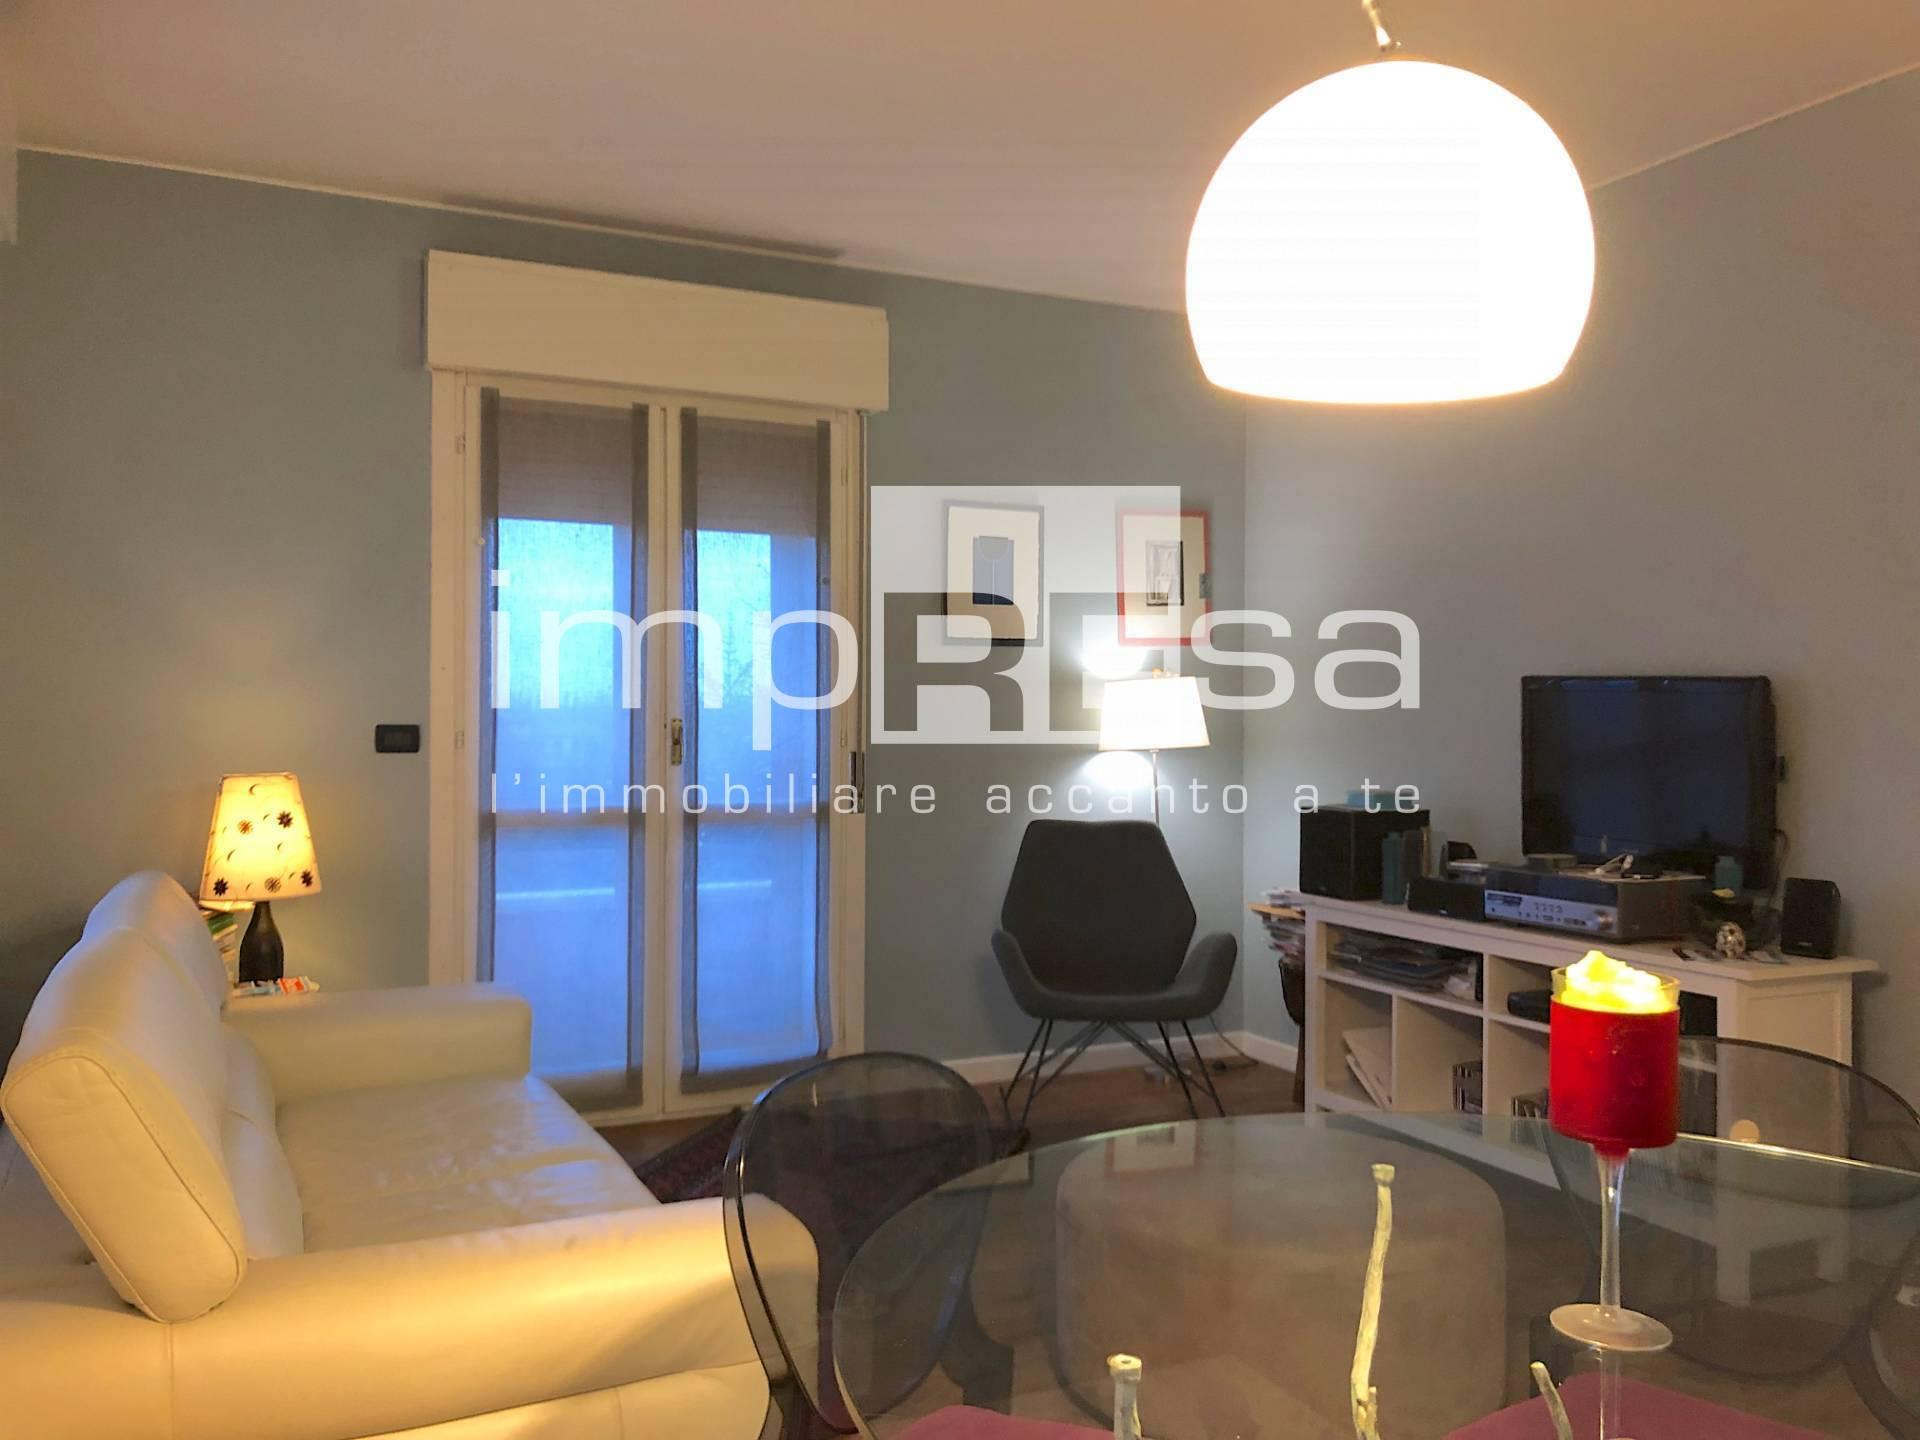 Appartamento in vendita a Mogliano Veneto, 5 locali, prezzo € 148.000 | PortaleAgenzieImmobiliari.it